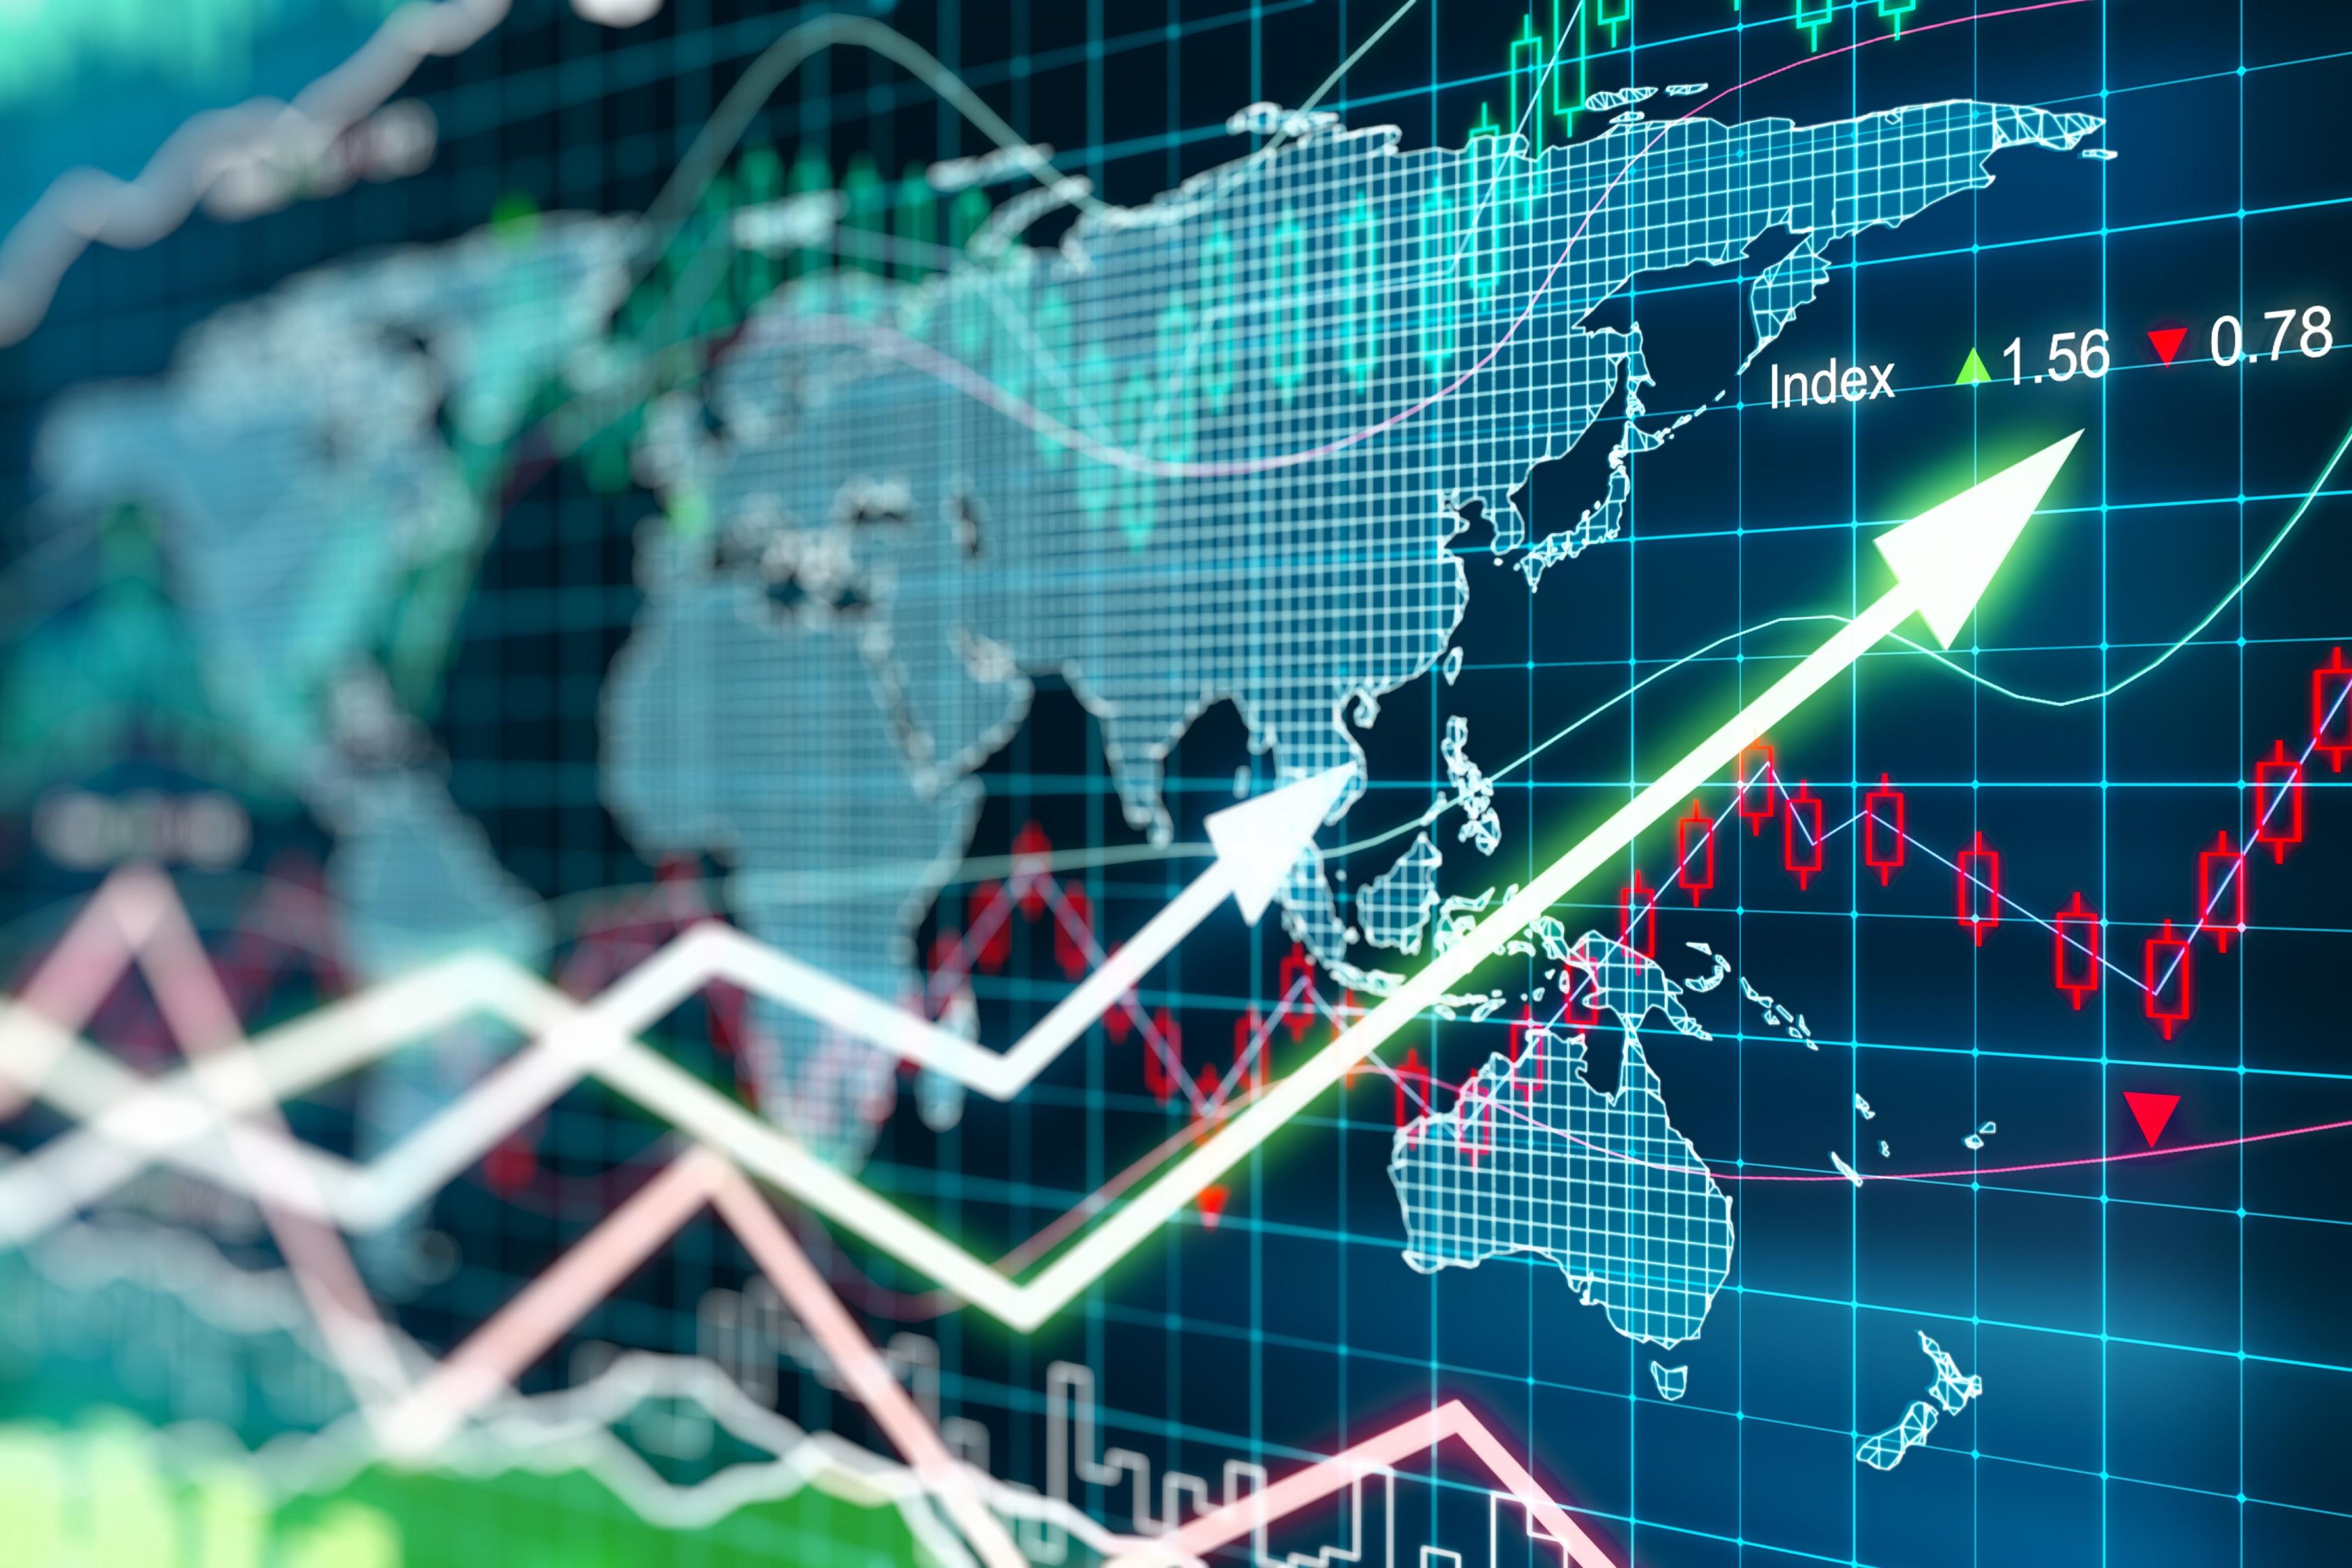 Kinh nghiệm đầu tư chứng khoán